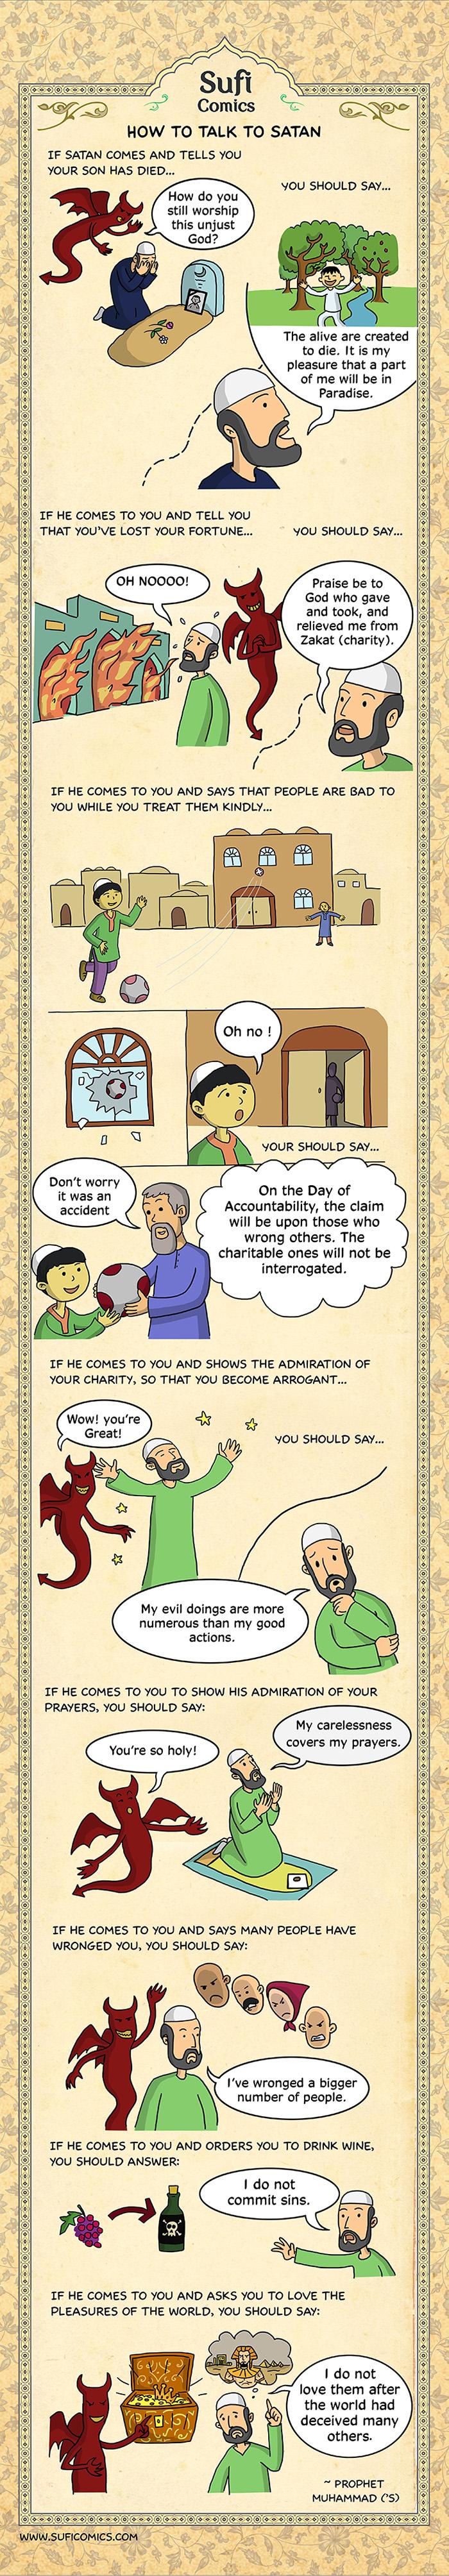 sufi-comics-how-to-talk-to-satan-1